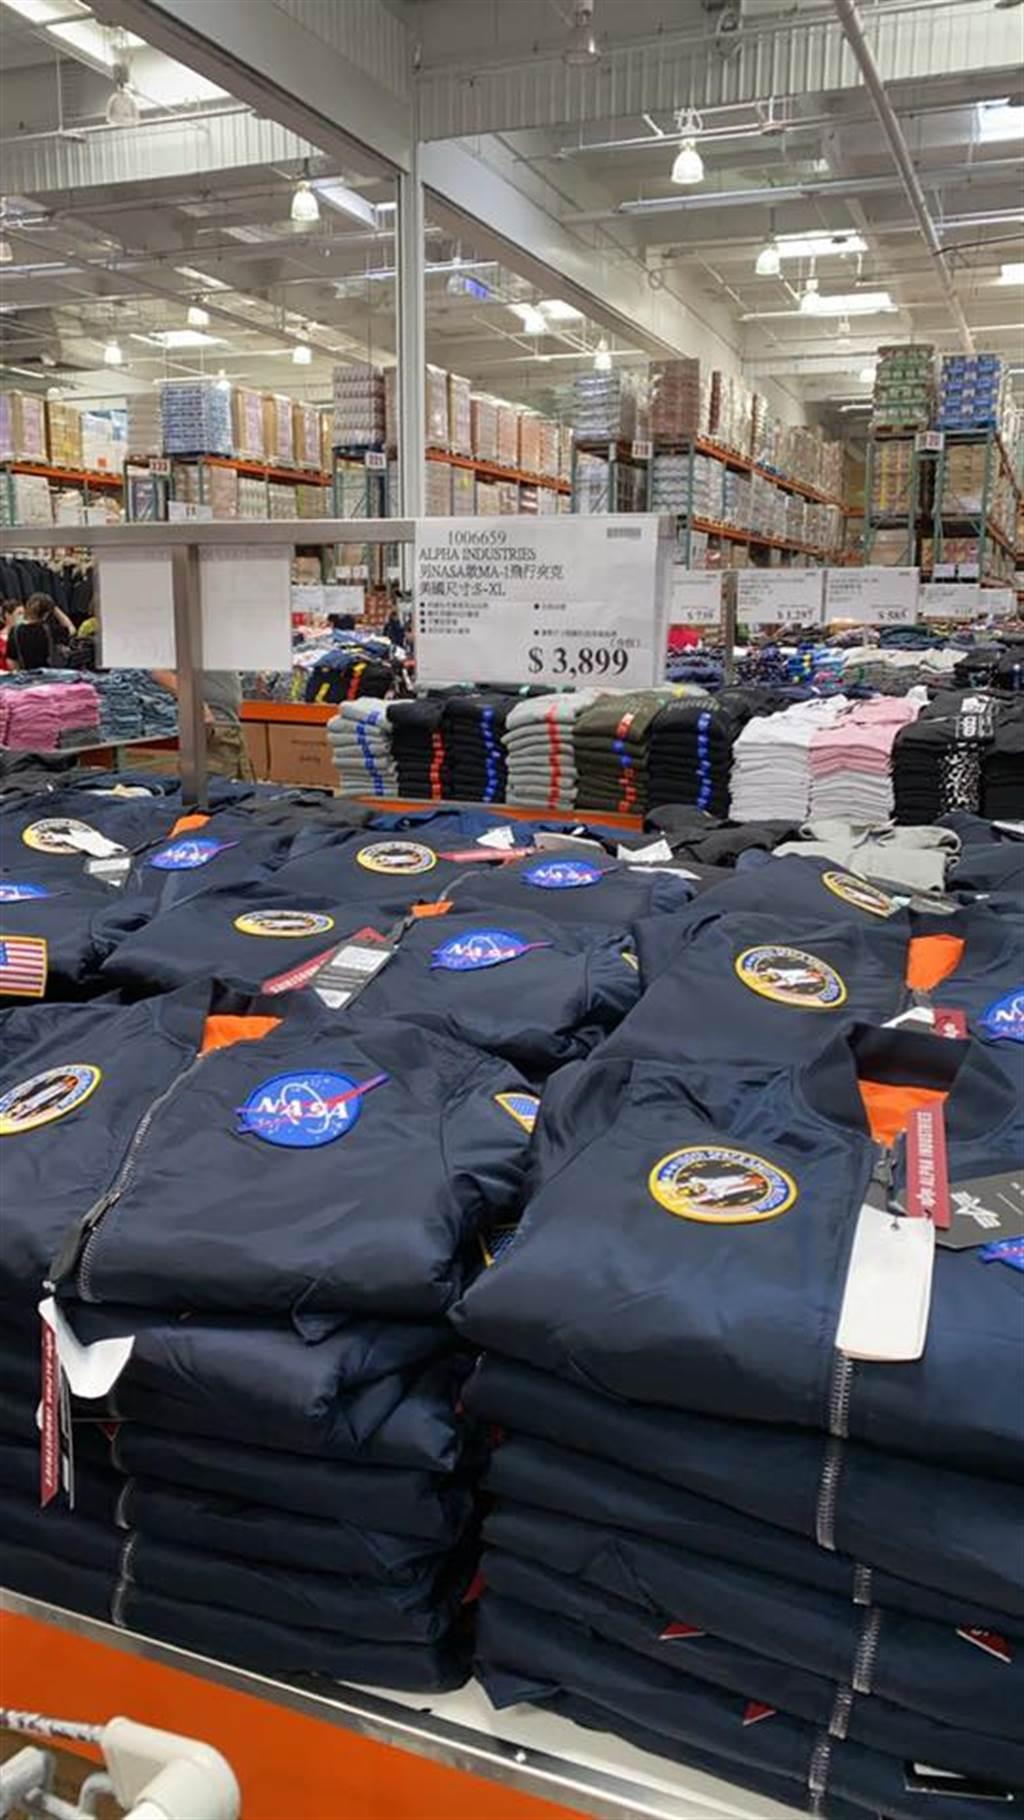 好市多中和店再度開賣Alpha MA-1 NASA飛行外套,讓不少軍裝迷與Alpha粉暴動,價格更是比官網便宜2000 (圖/Costco好市多 商品經驗老實說)